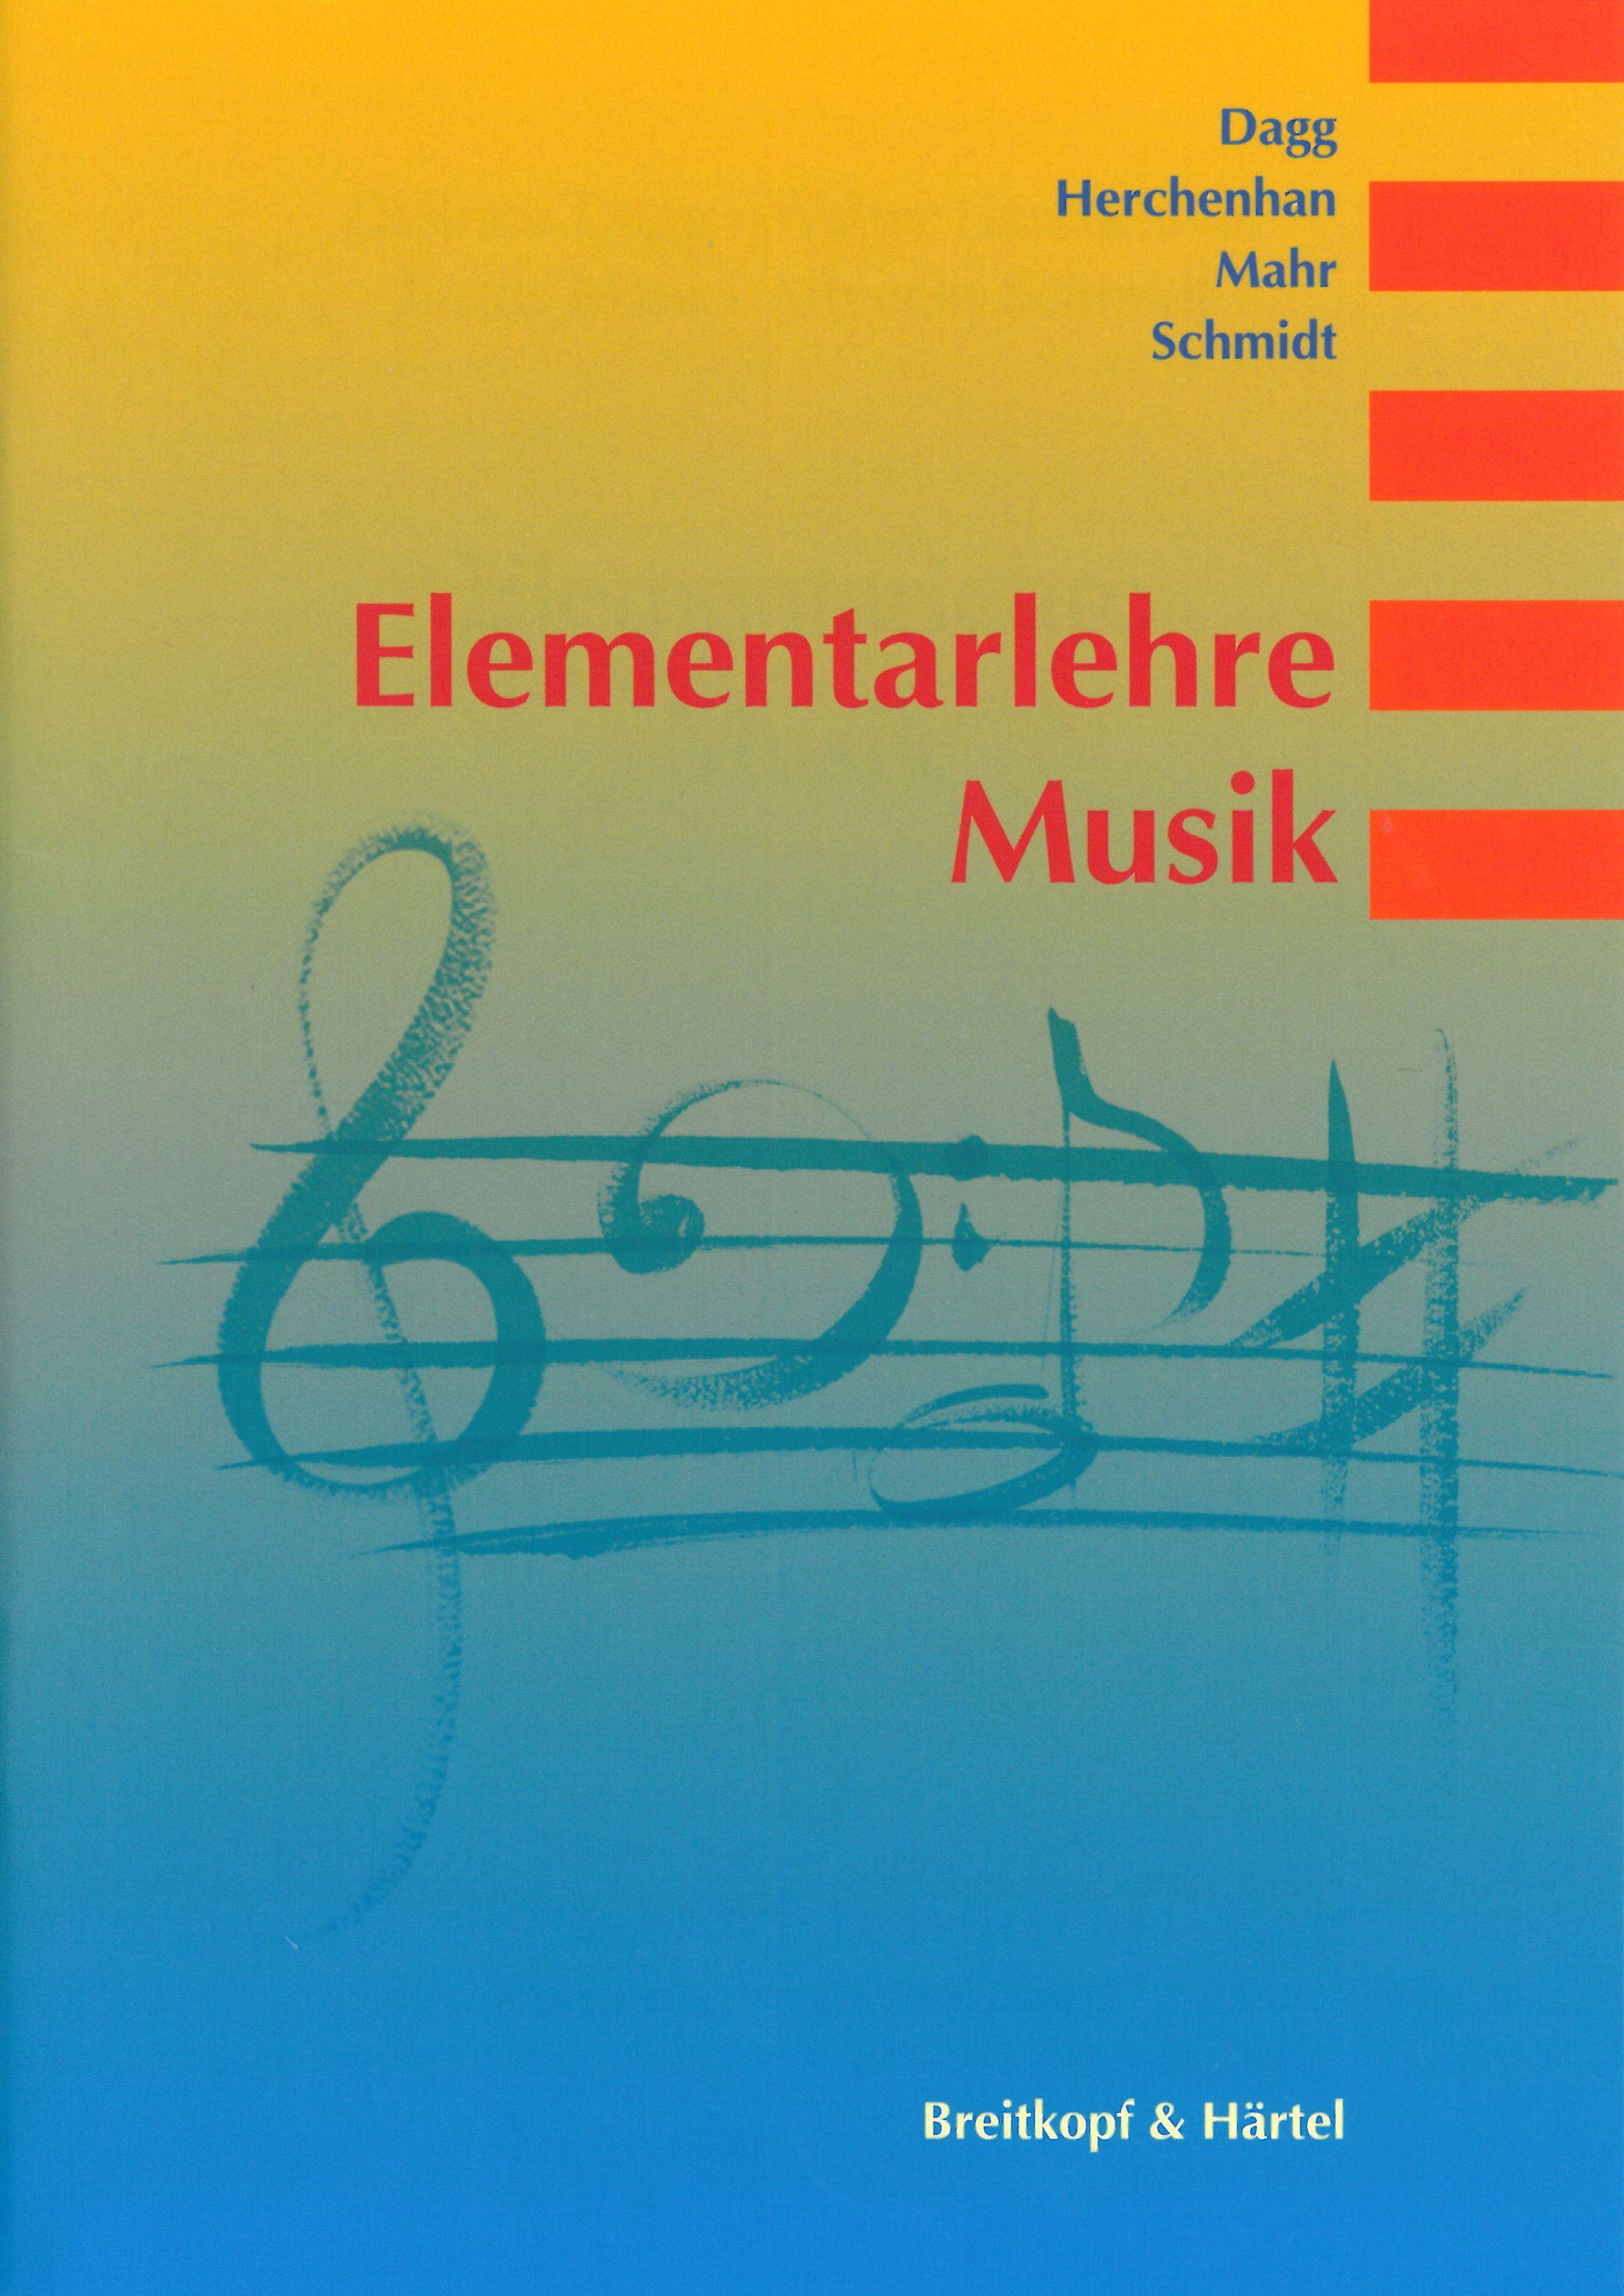 Elementarlehre Musik von Daag, Dietmar, Herchenhan, Walter, Mahr, Just